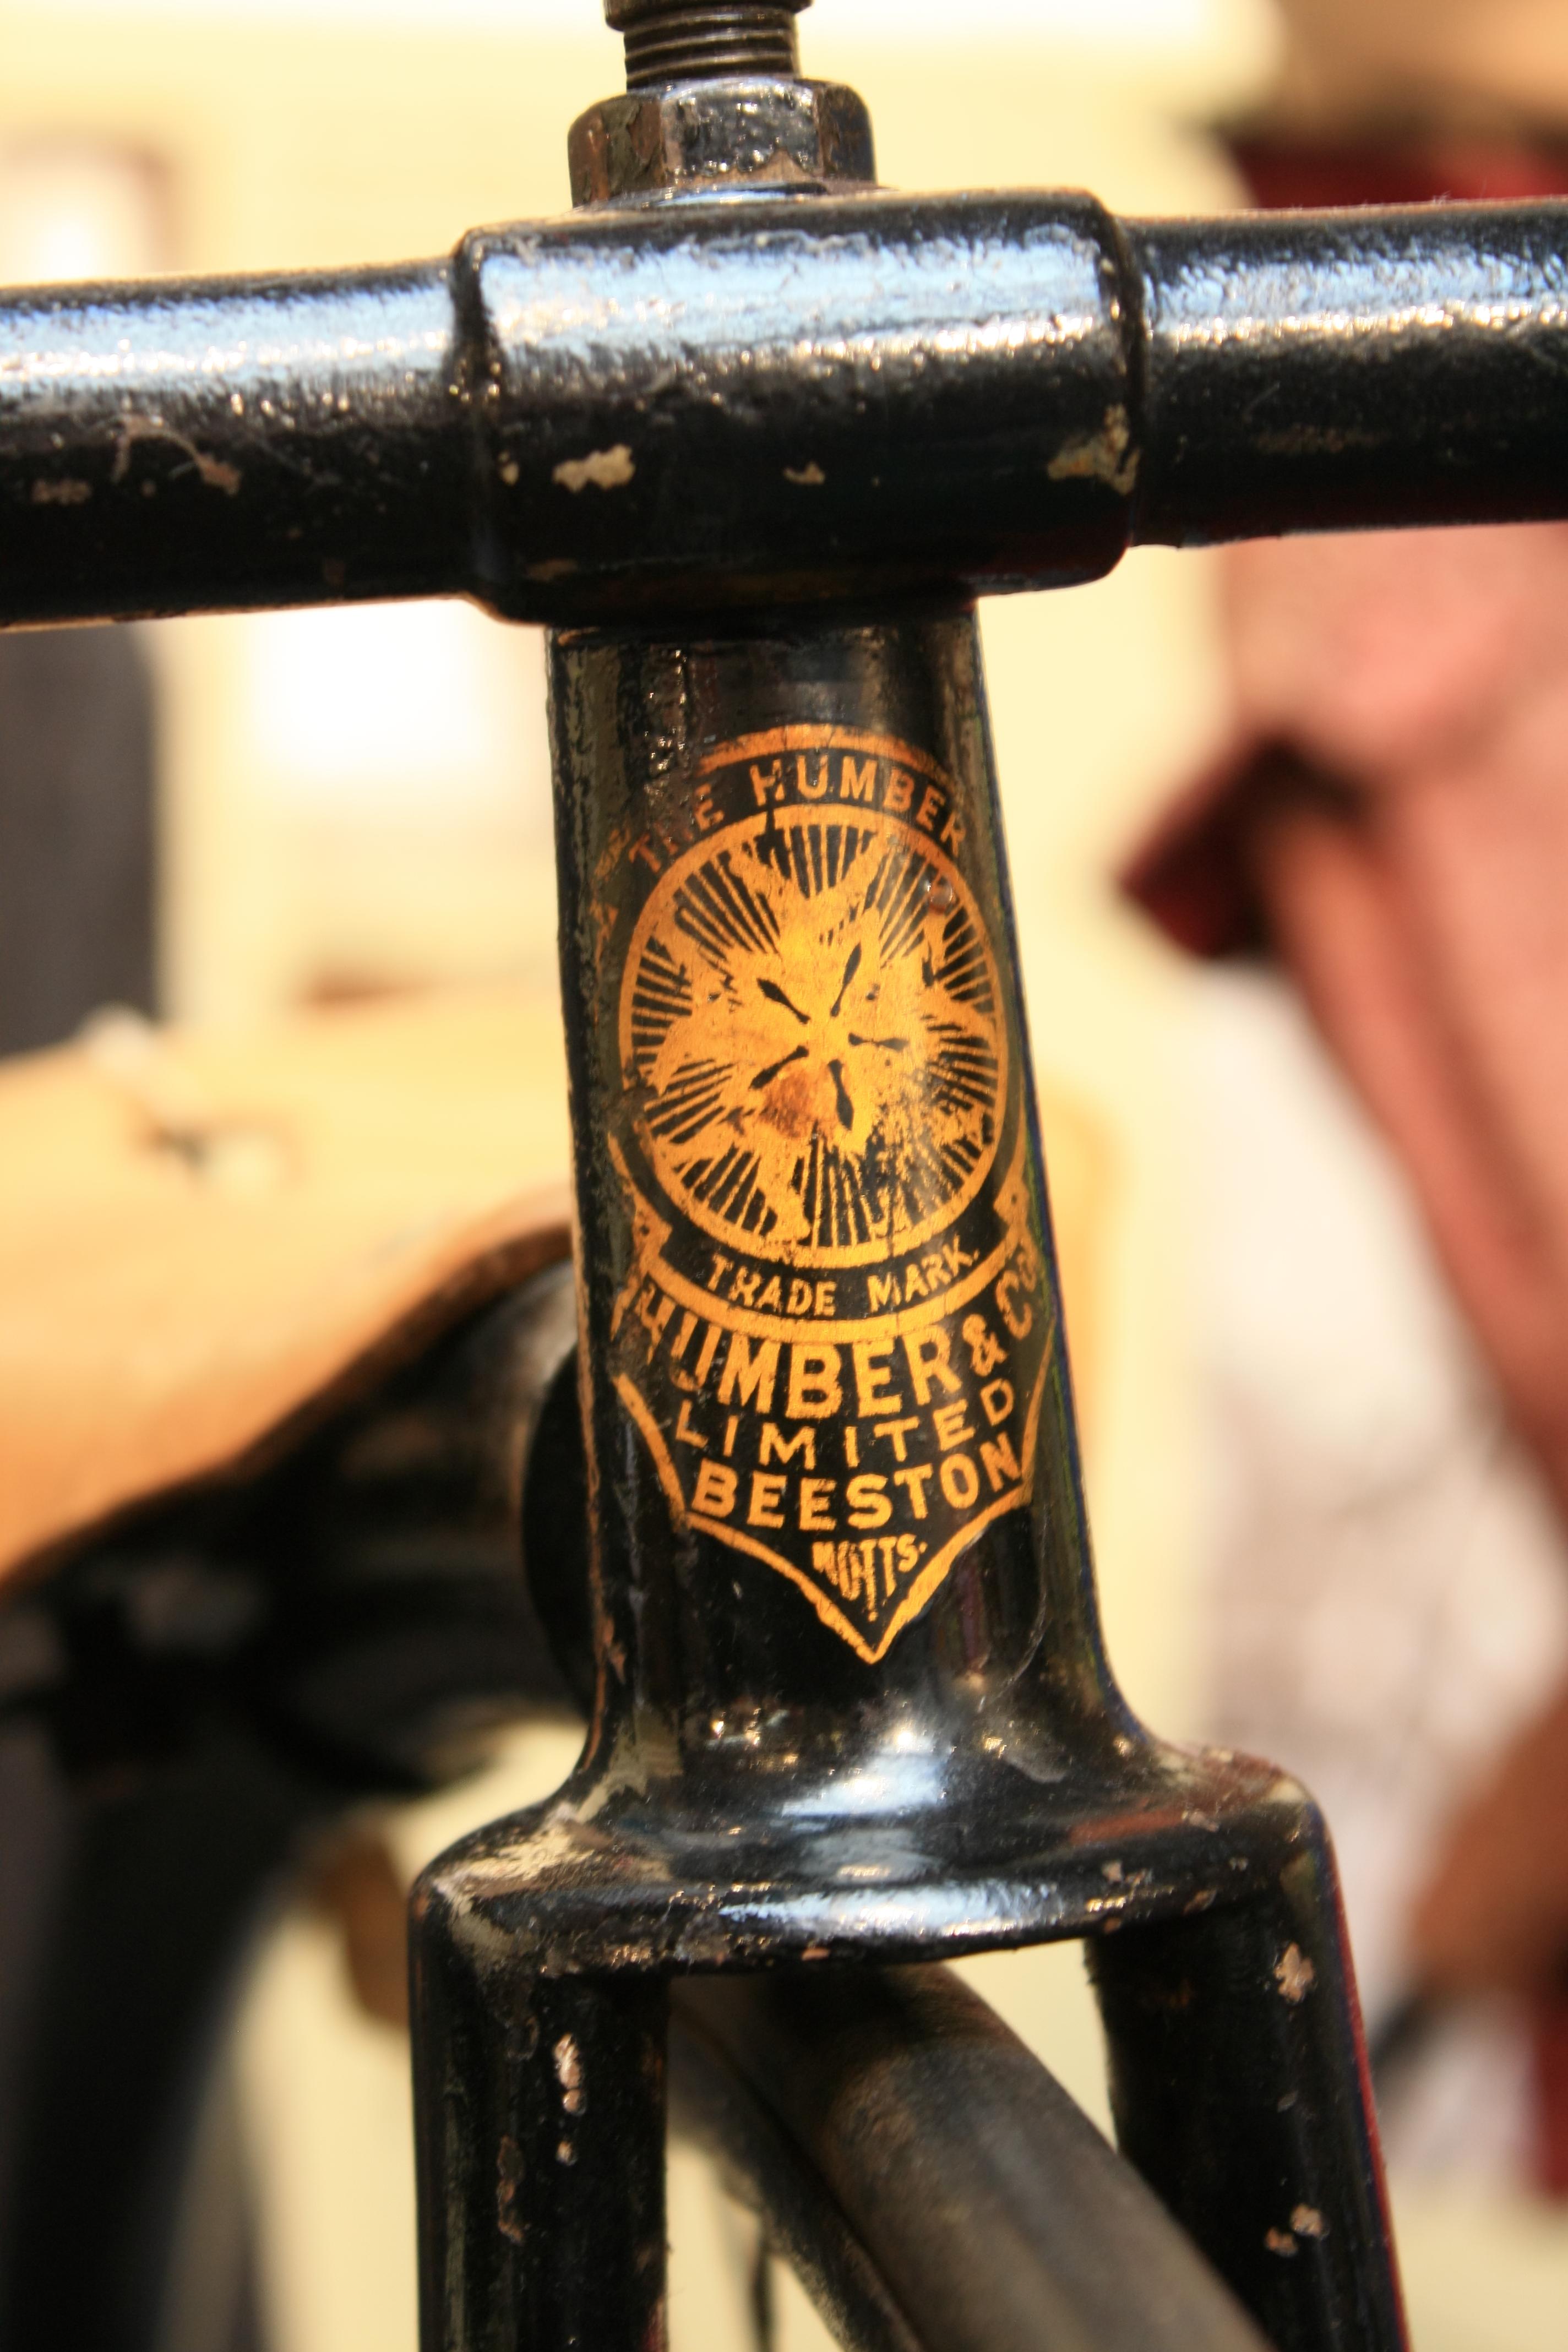 Humber cykel dating